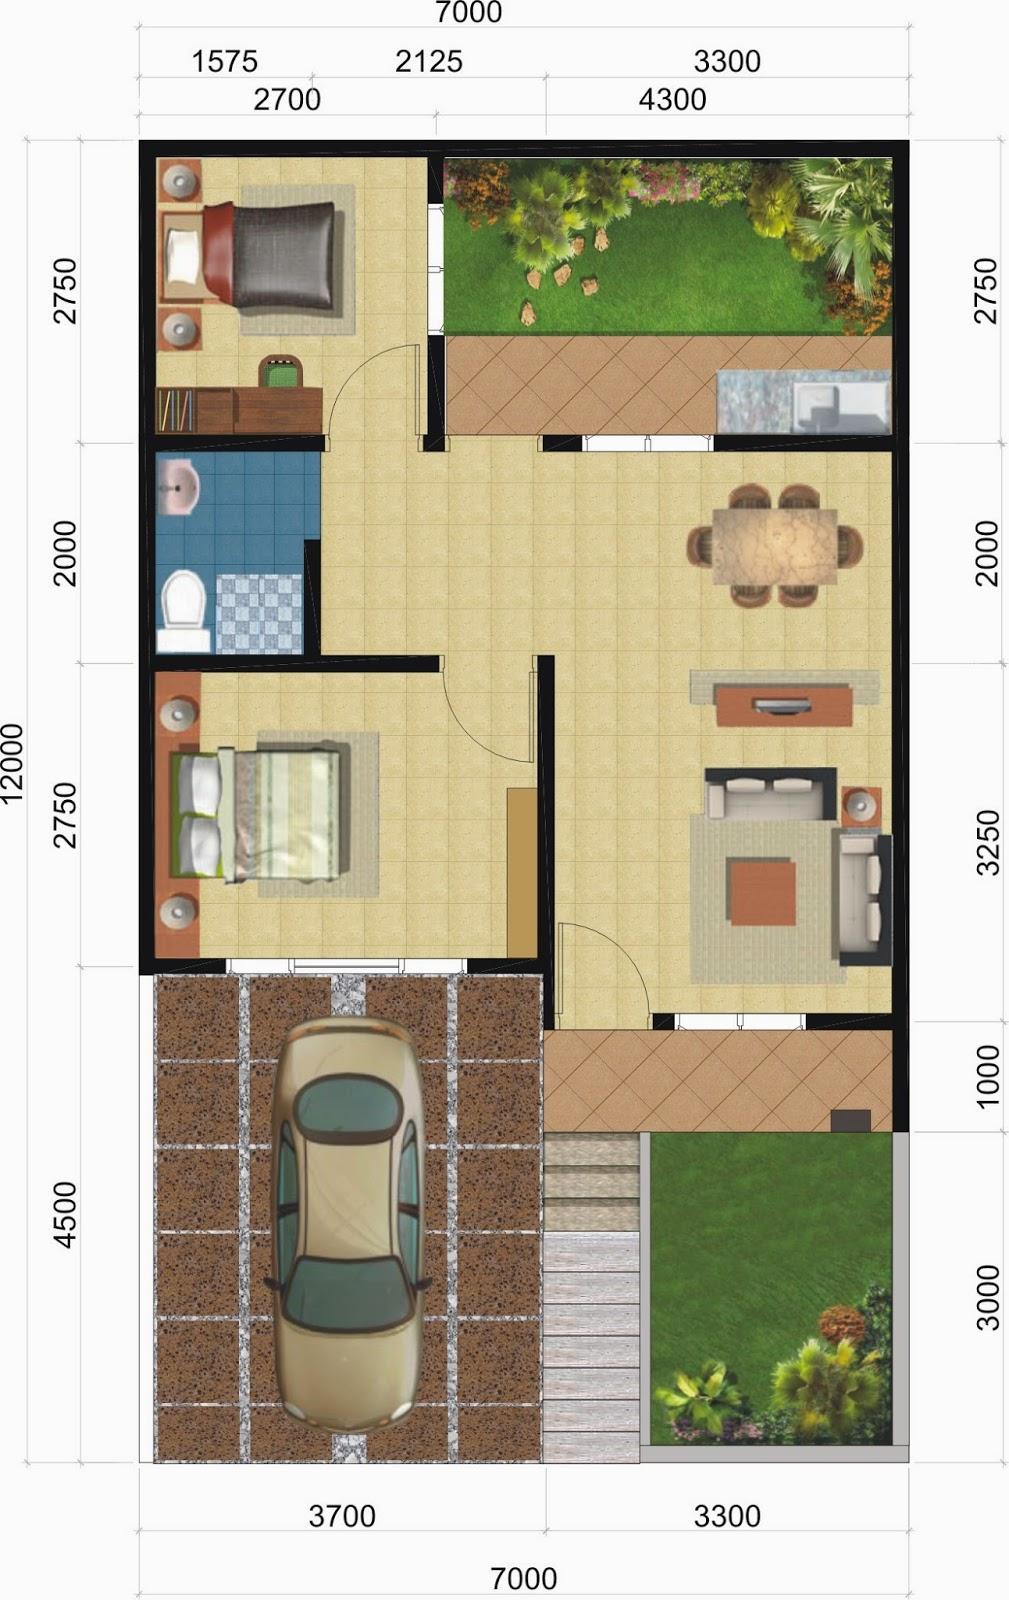 gambar desain rumah kecil, model rumah kecil